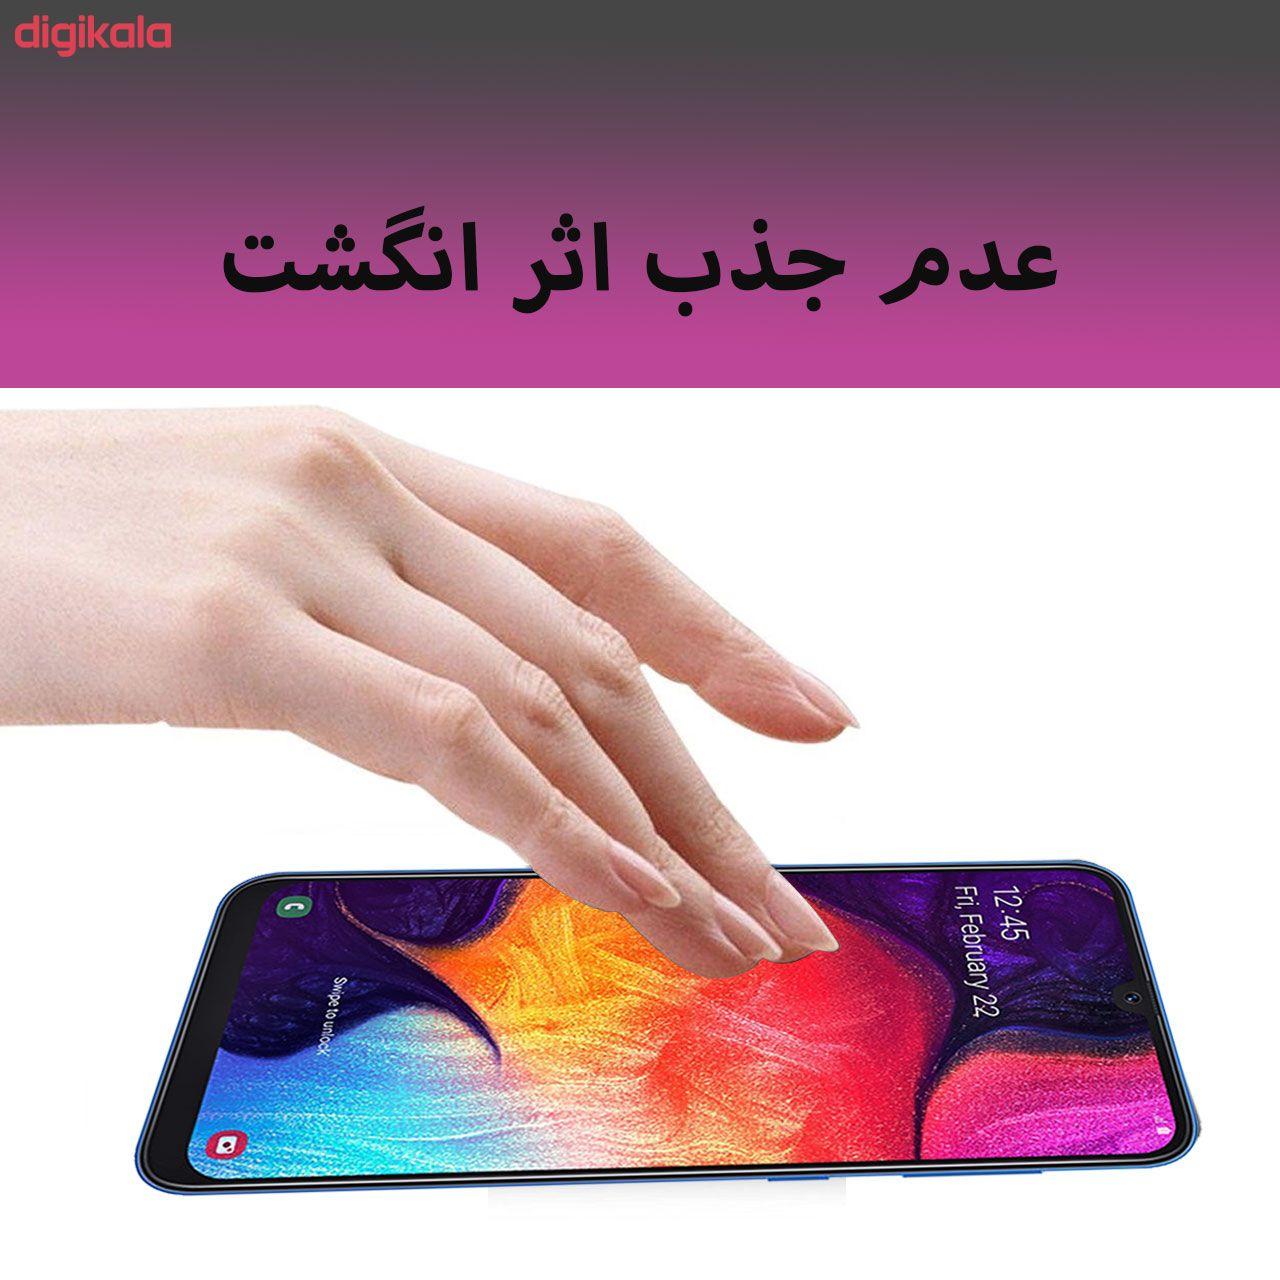 محافظ صفحه نمایش 5D لایونکس مدل USS مناسب برای گوشی موبایل سامسونگ Galaxy A50 main 1 6